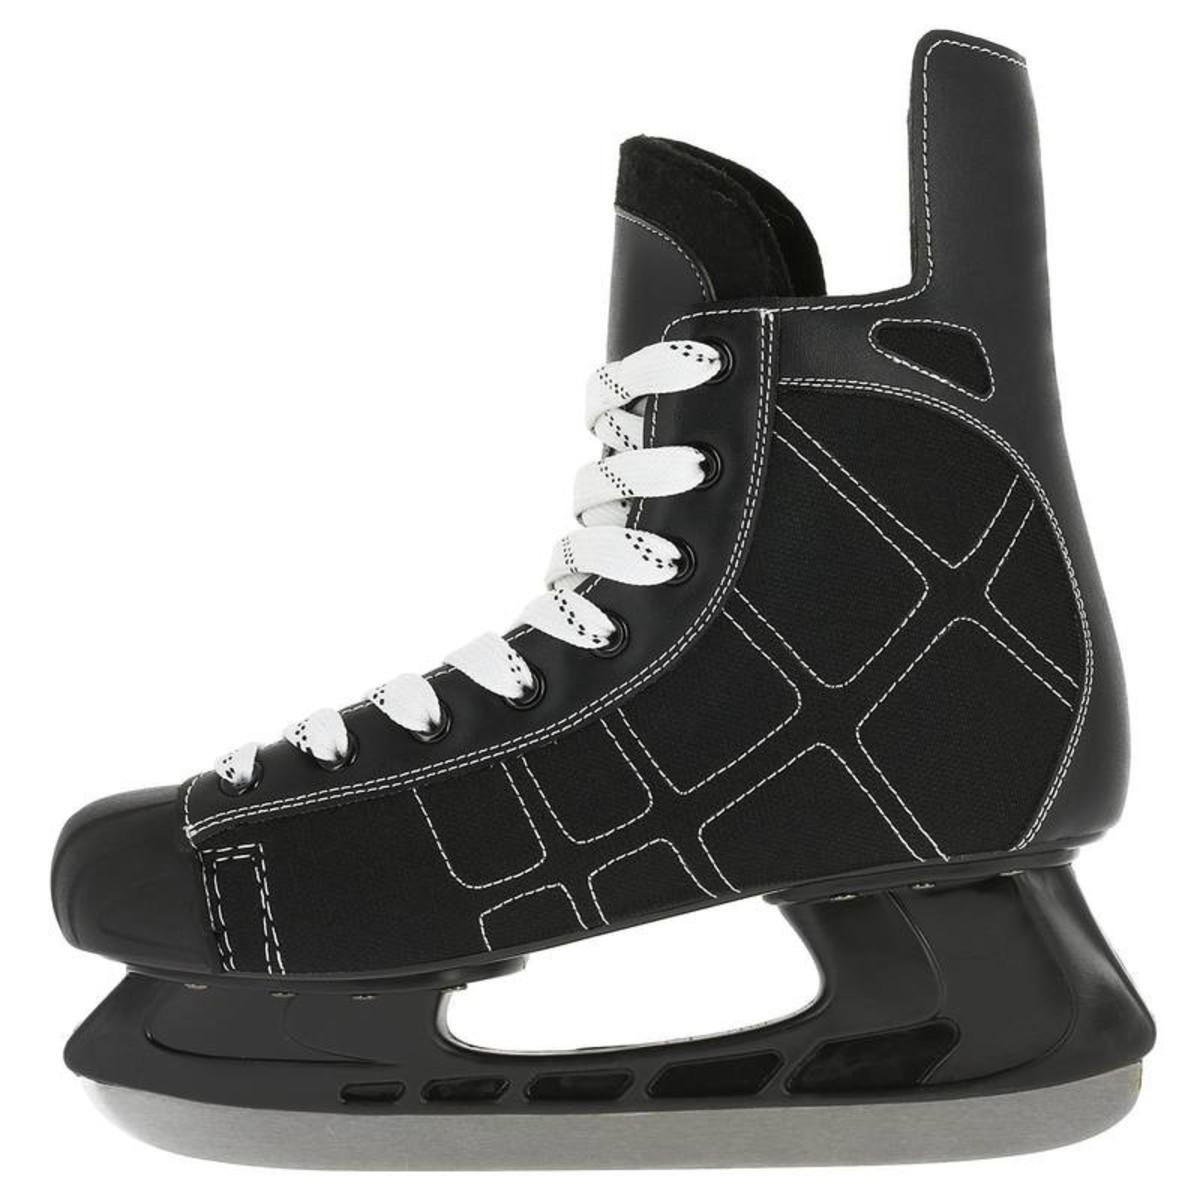 Bild 3 von OXELO Eishockey-Schlittschuhe Zero Erwachsene schwarz, Größe: 38